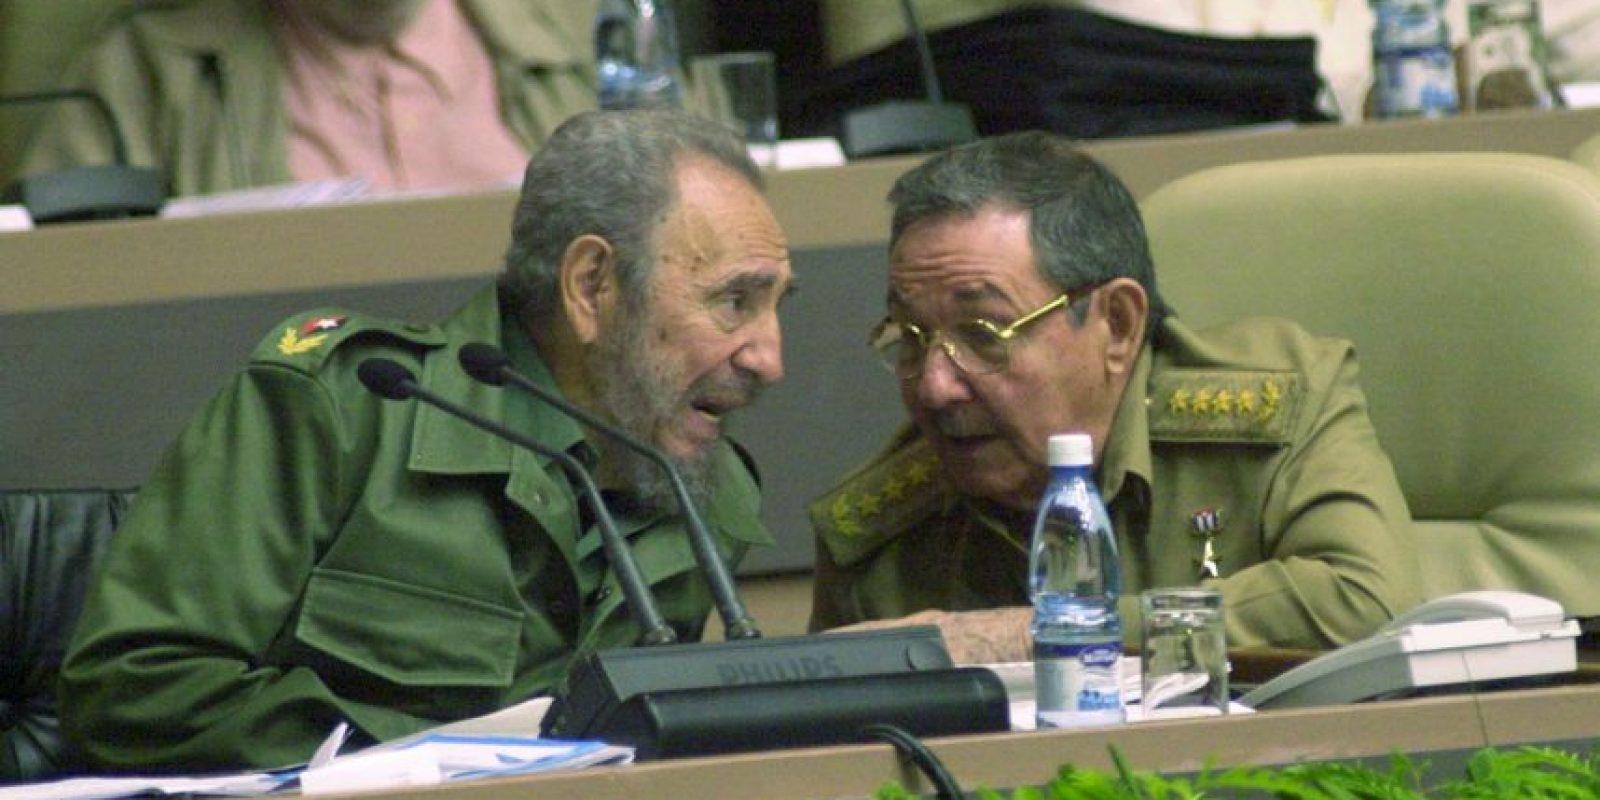 El 79 por ciento de los encuestados dijo que estaba no muy satisfecho o no satisfecho con el sistema económico en Cuba. Foto:Getty Images